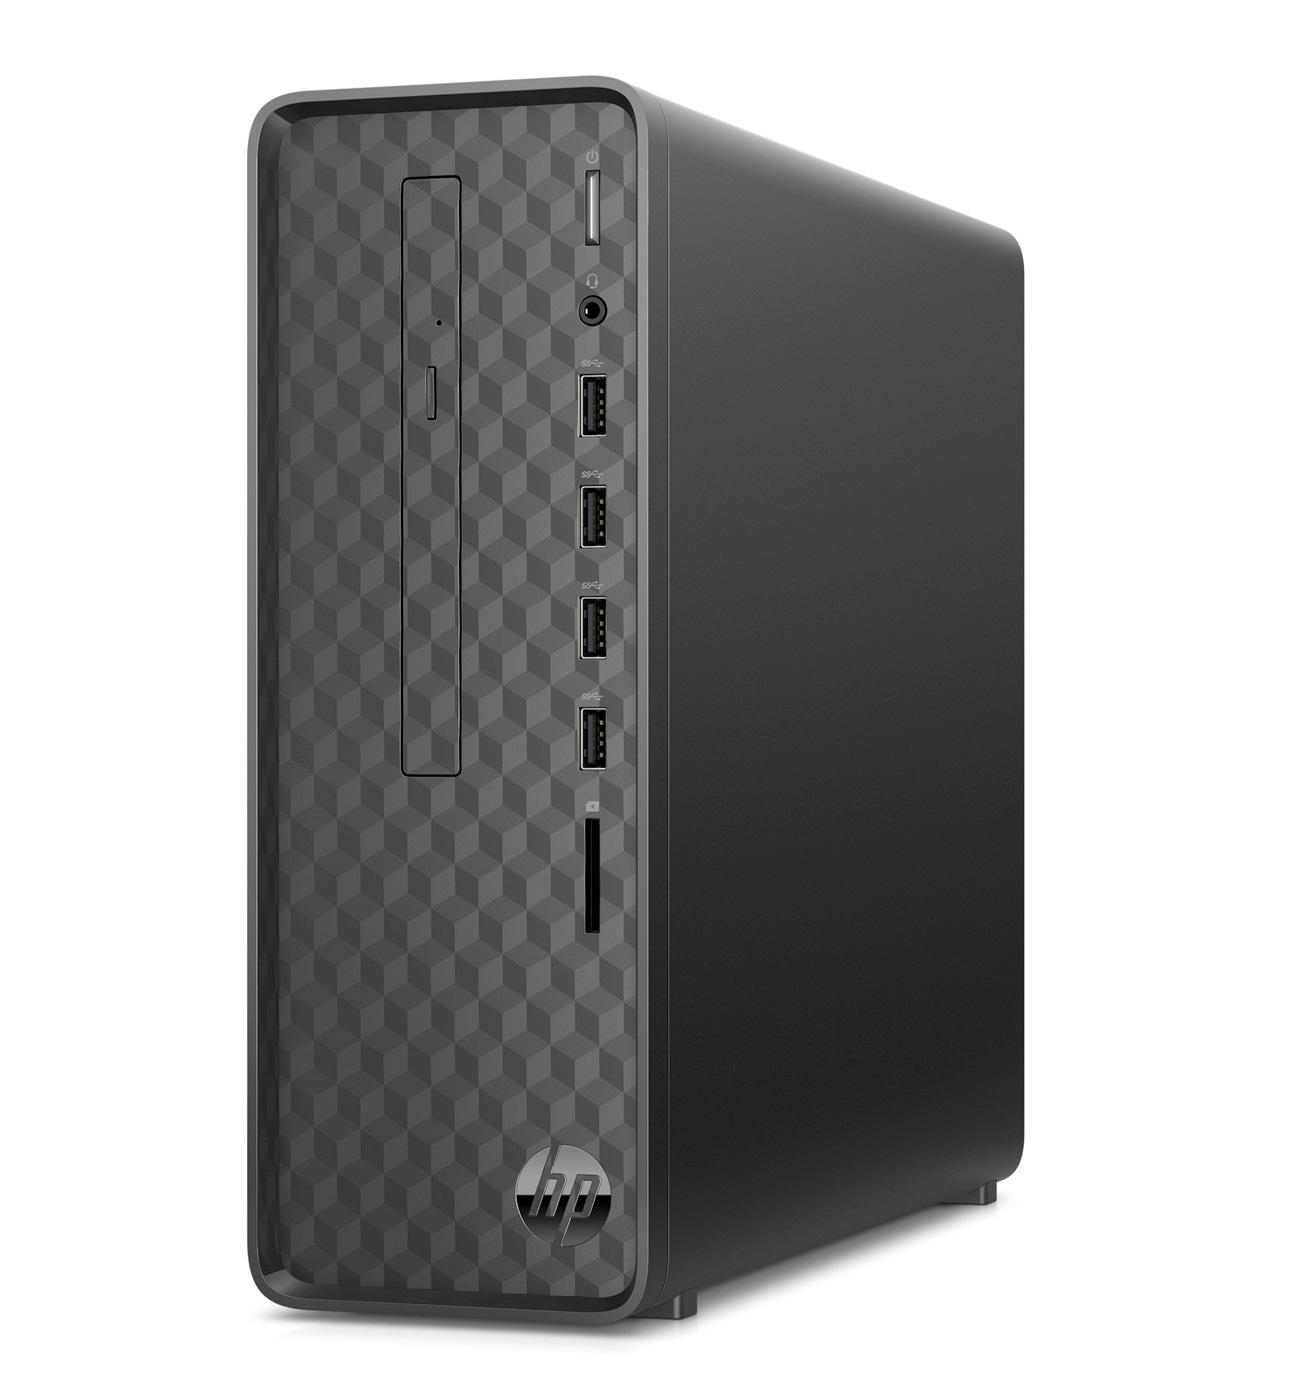 HP Slim Desktop S01-aF0051nf